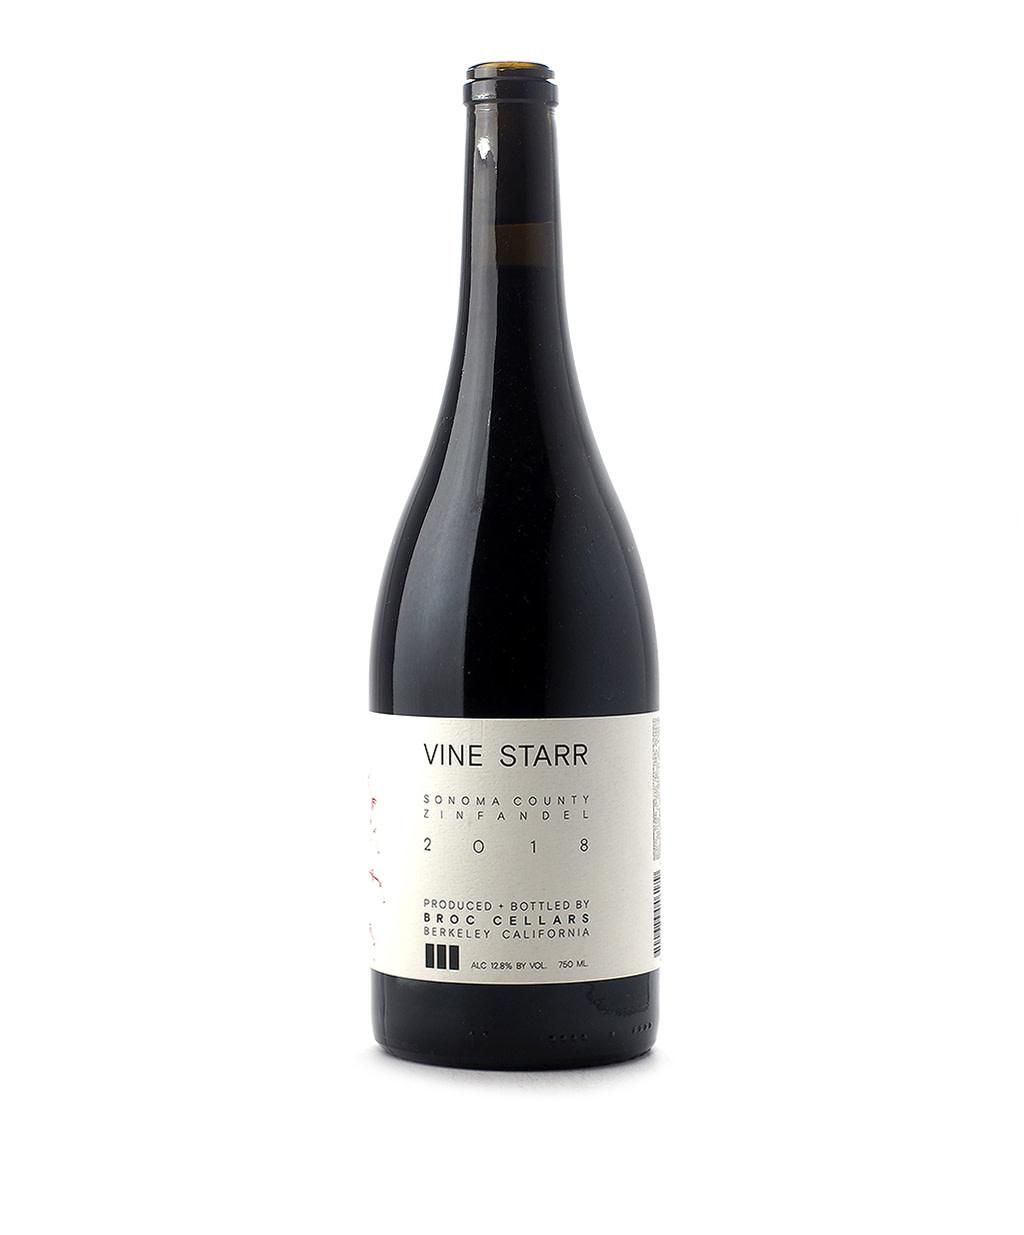 Broc Cellars Vine Starr Zinfandel 2018